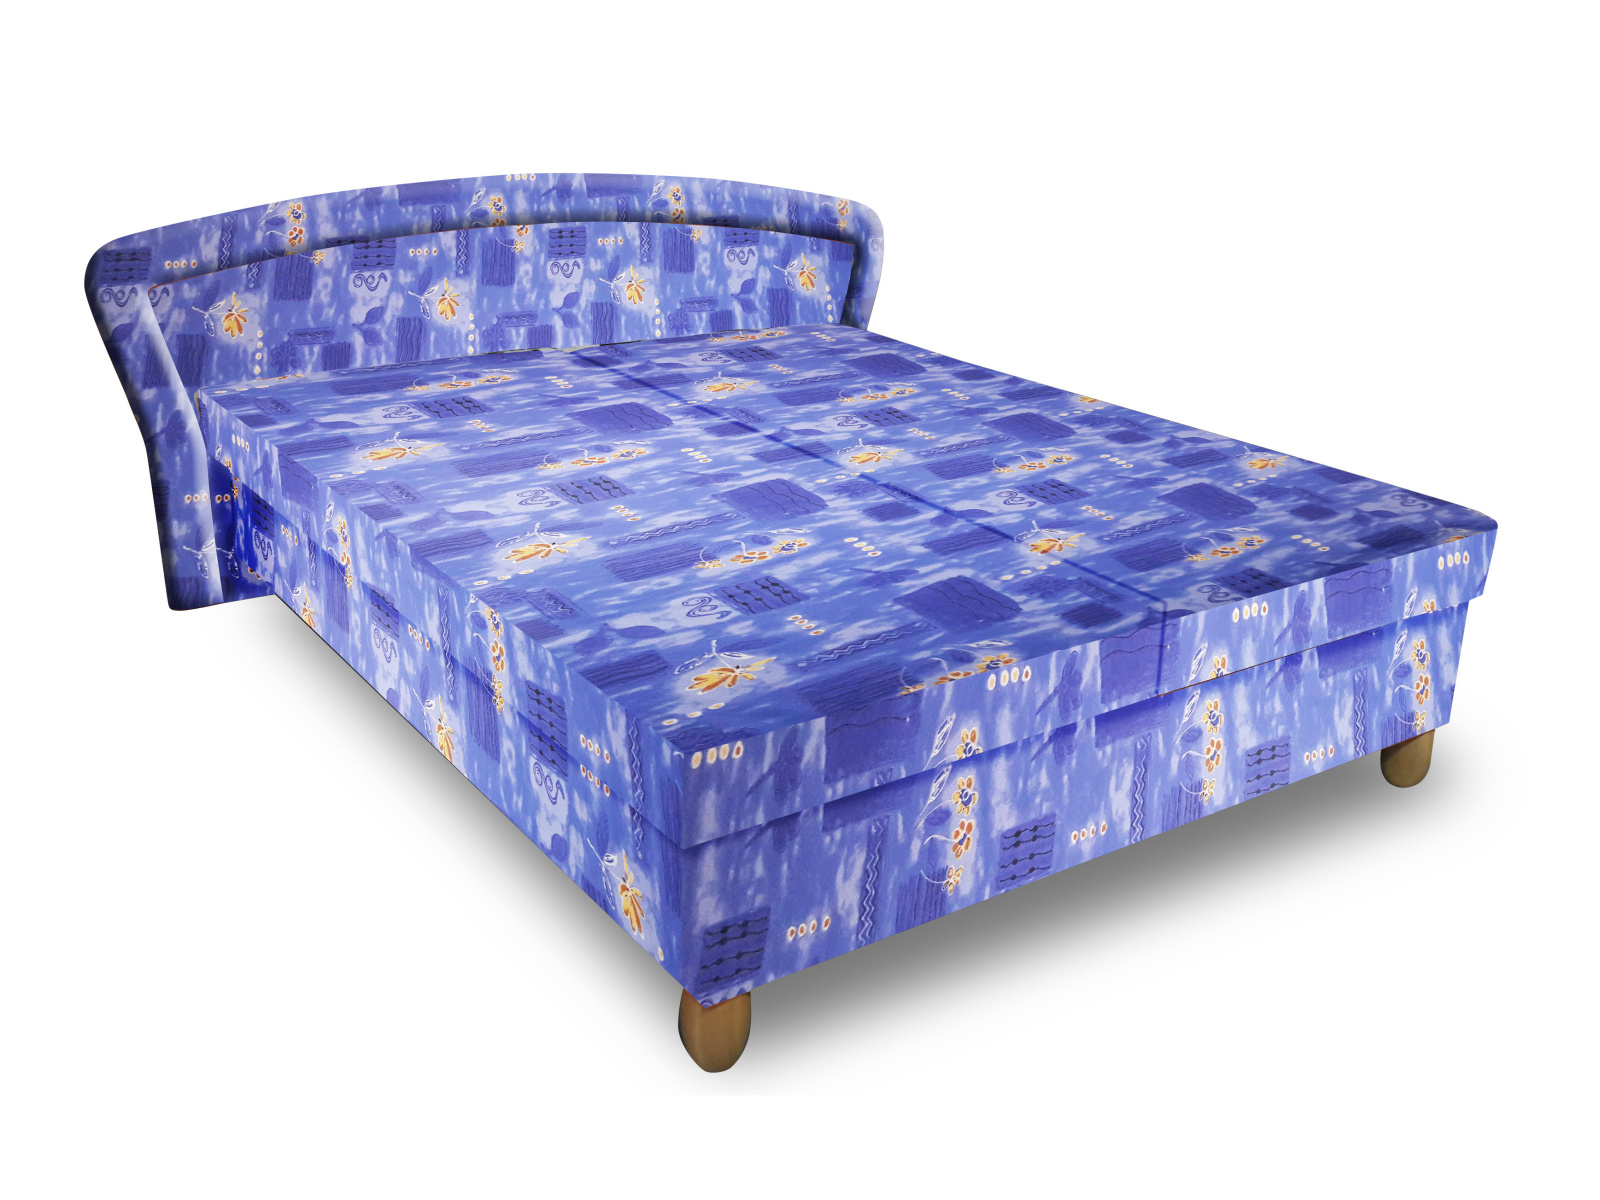 Smartshop Čalouněná postel PAVLA 120x200 cm, modrá látka